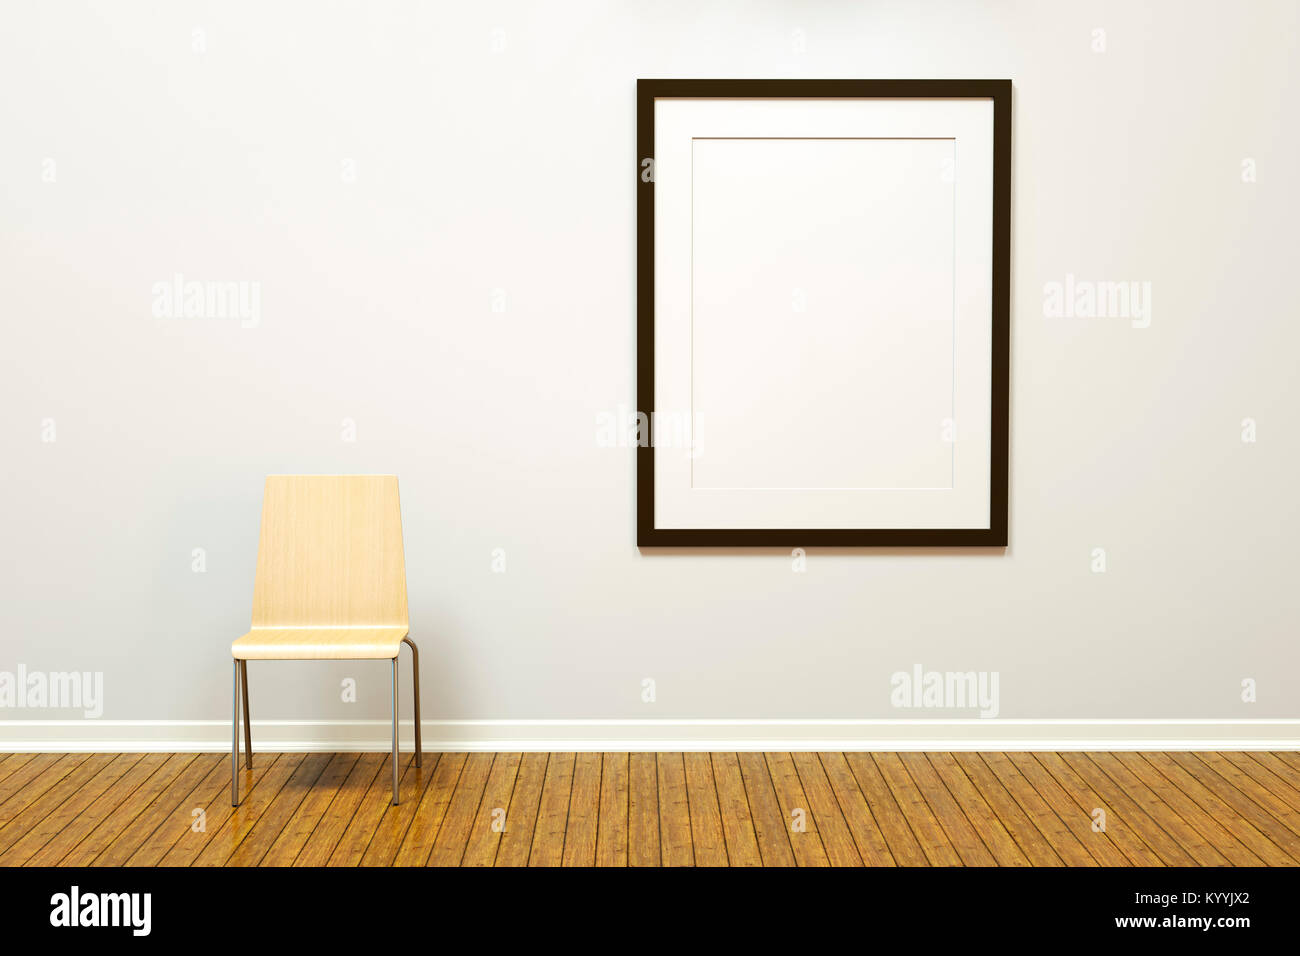 Vuoti di grandi dimensioni immagine verticale il telaio con tappetino su una parete in una stanza vuota o una galleria Immagini Stock